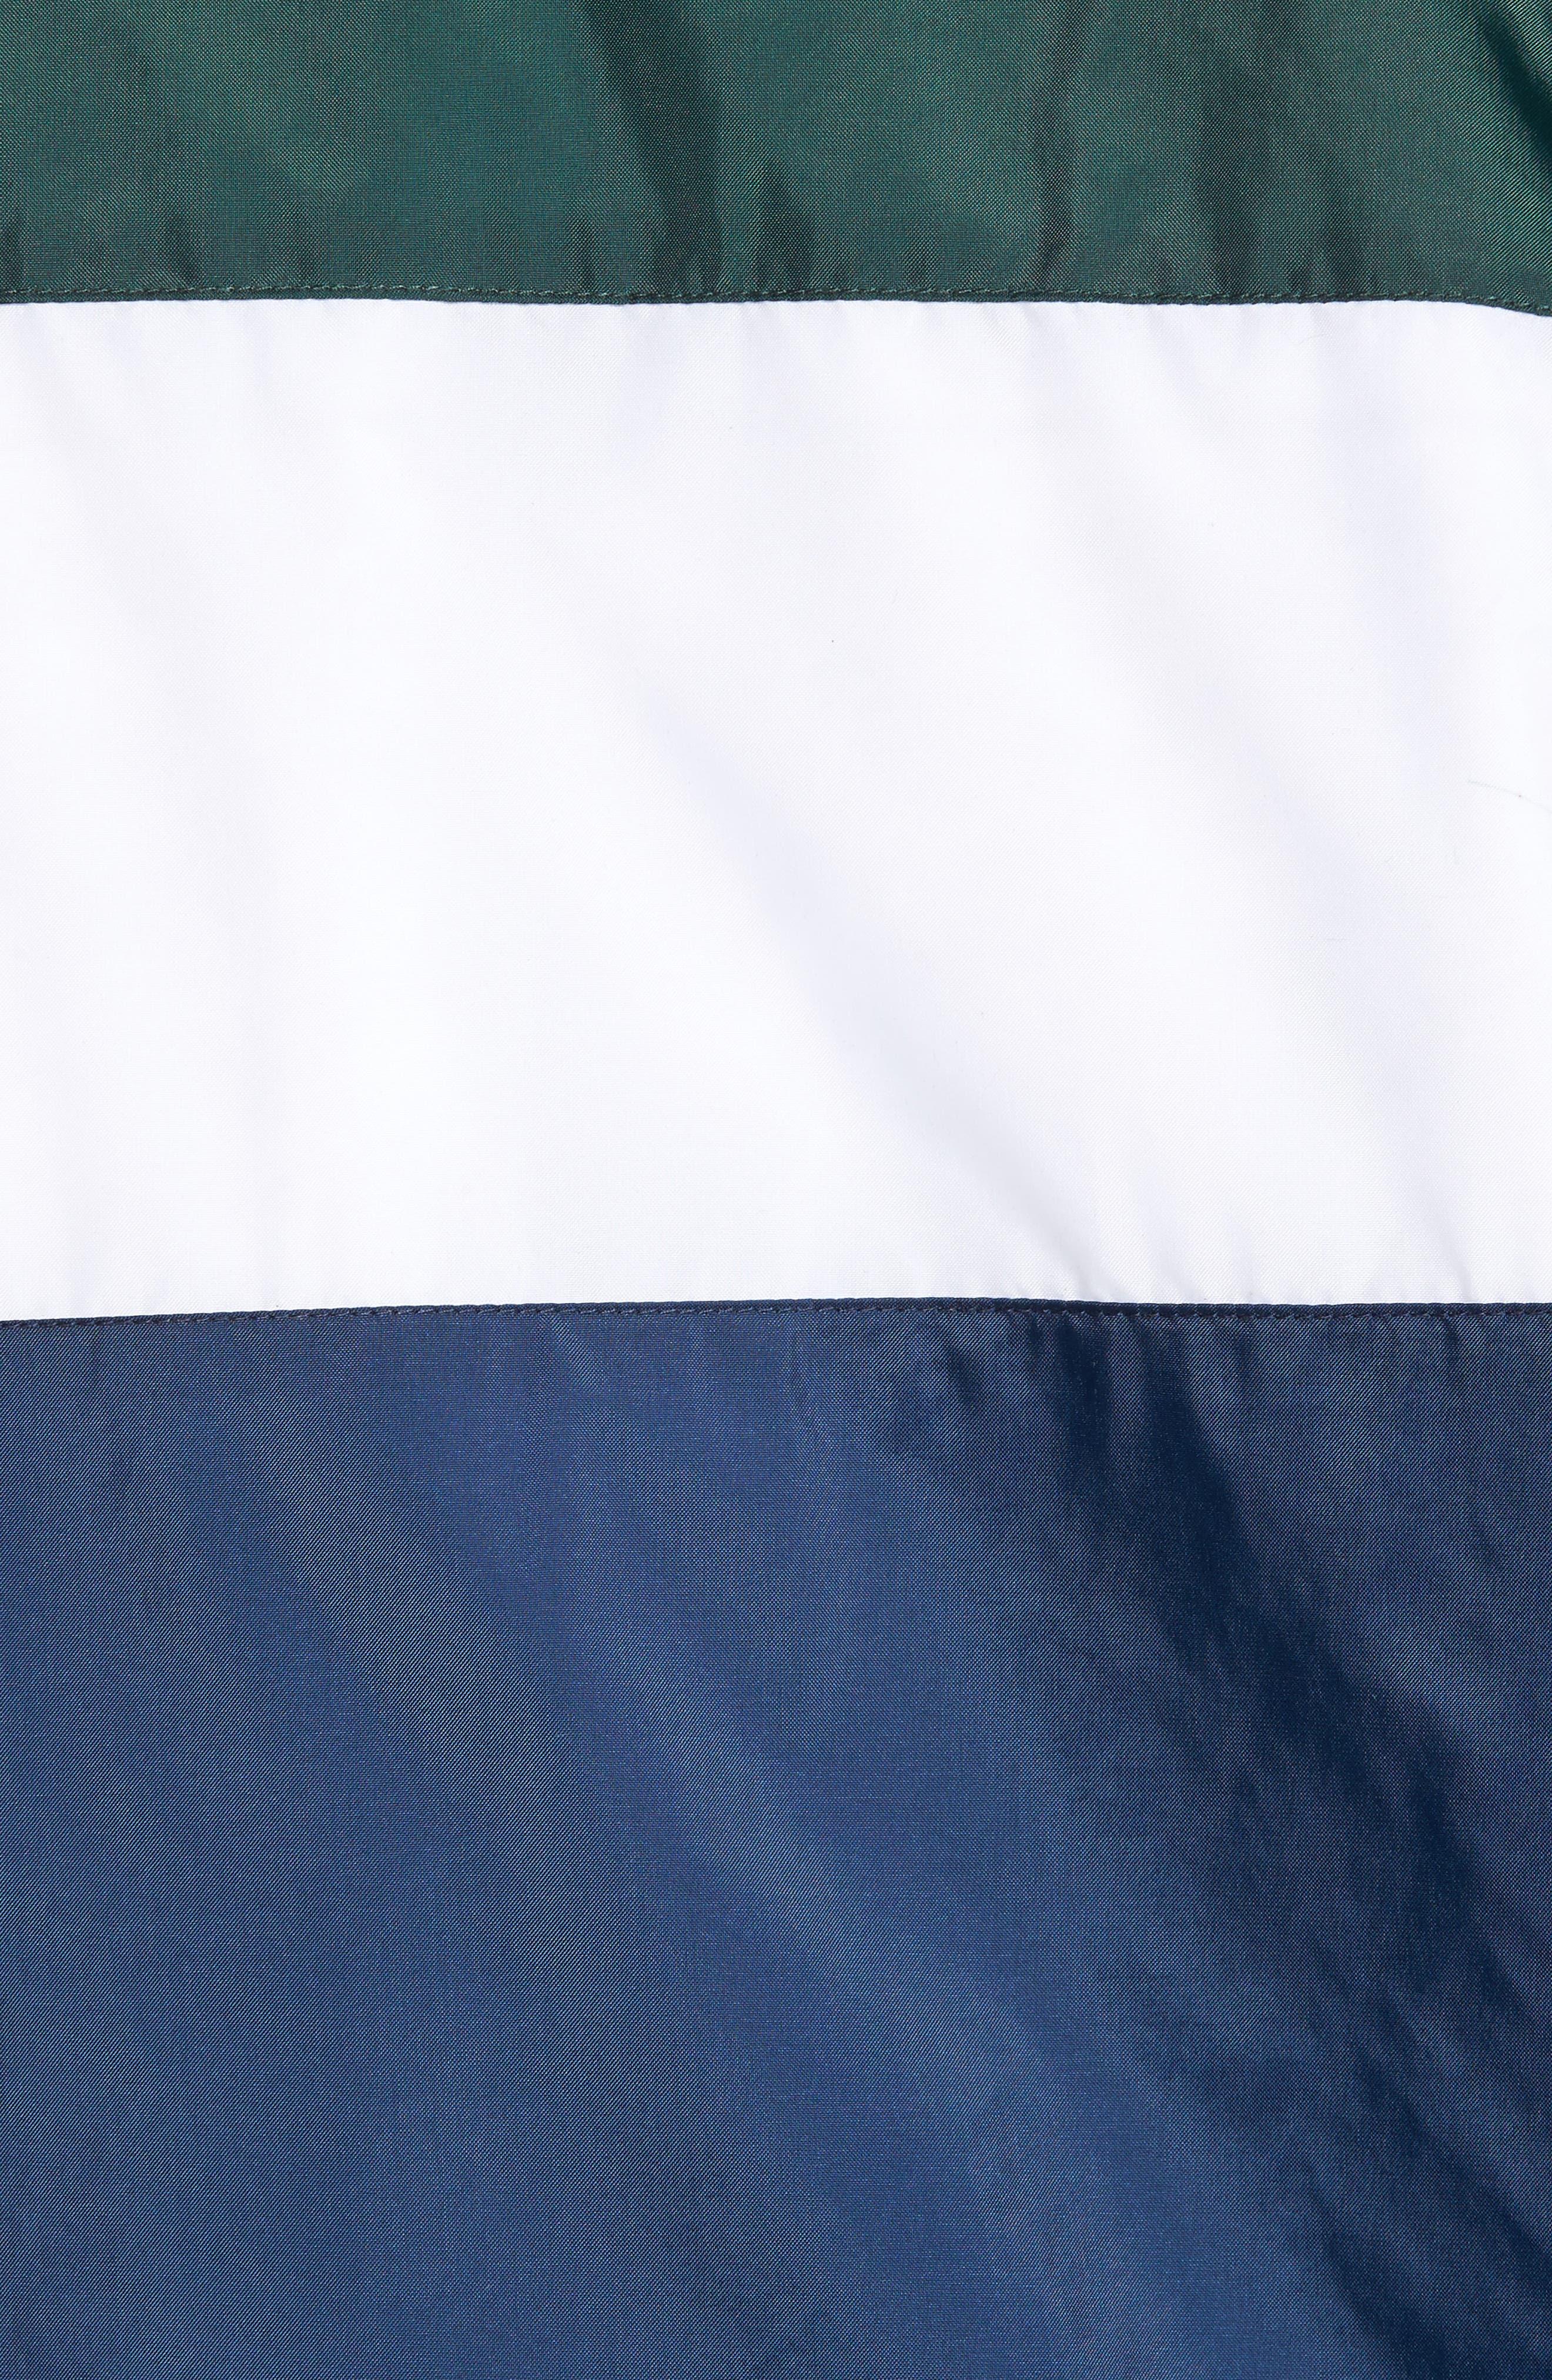 Starboard Water Resistant Windbreaker,                             Alternate thumbnail 6, color,                             420